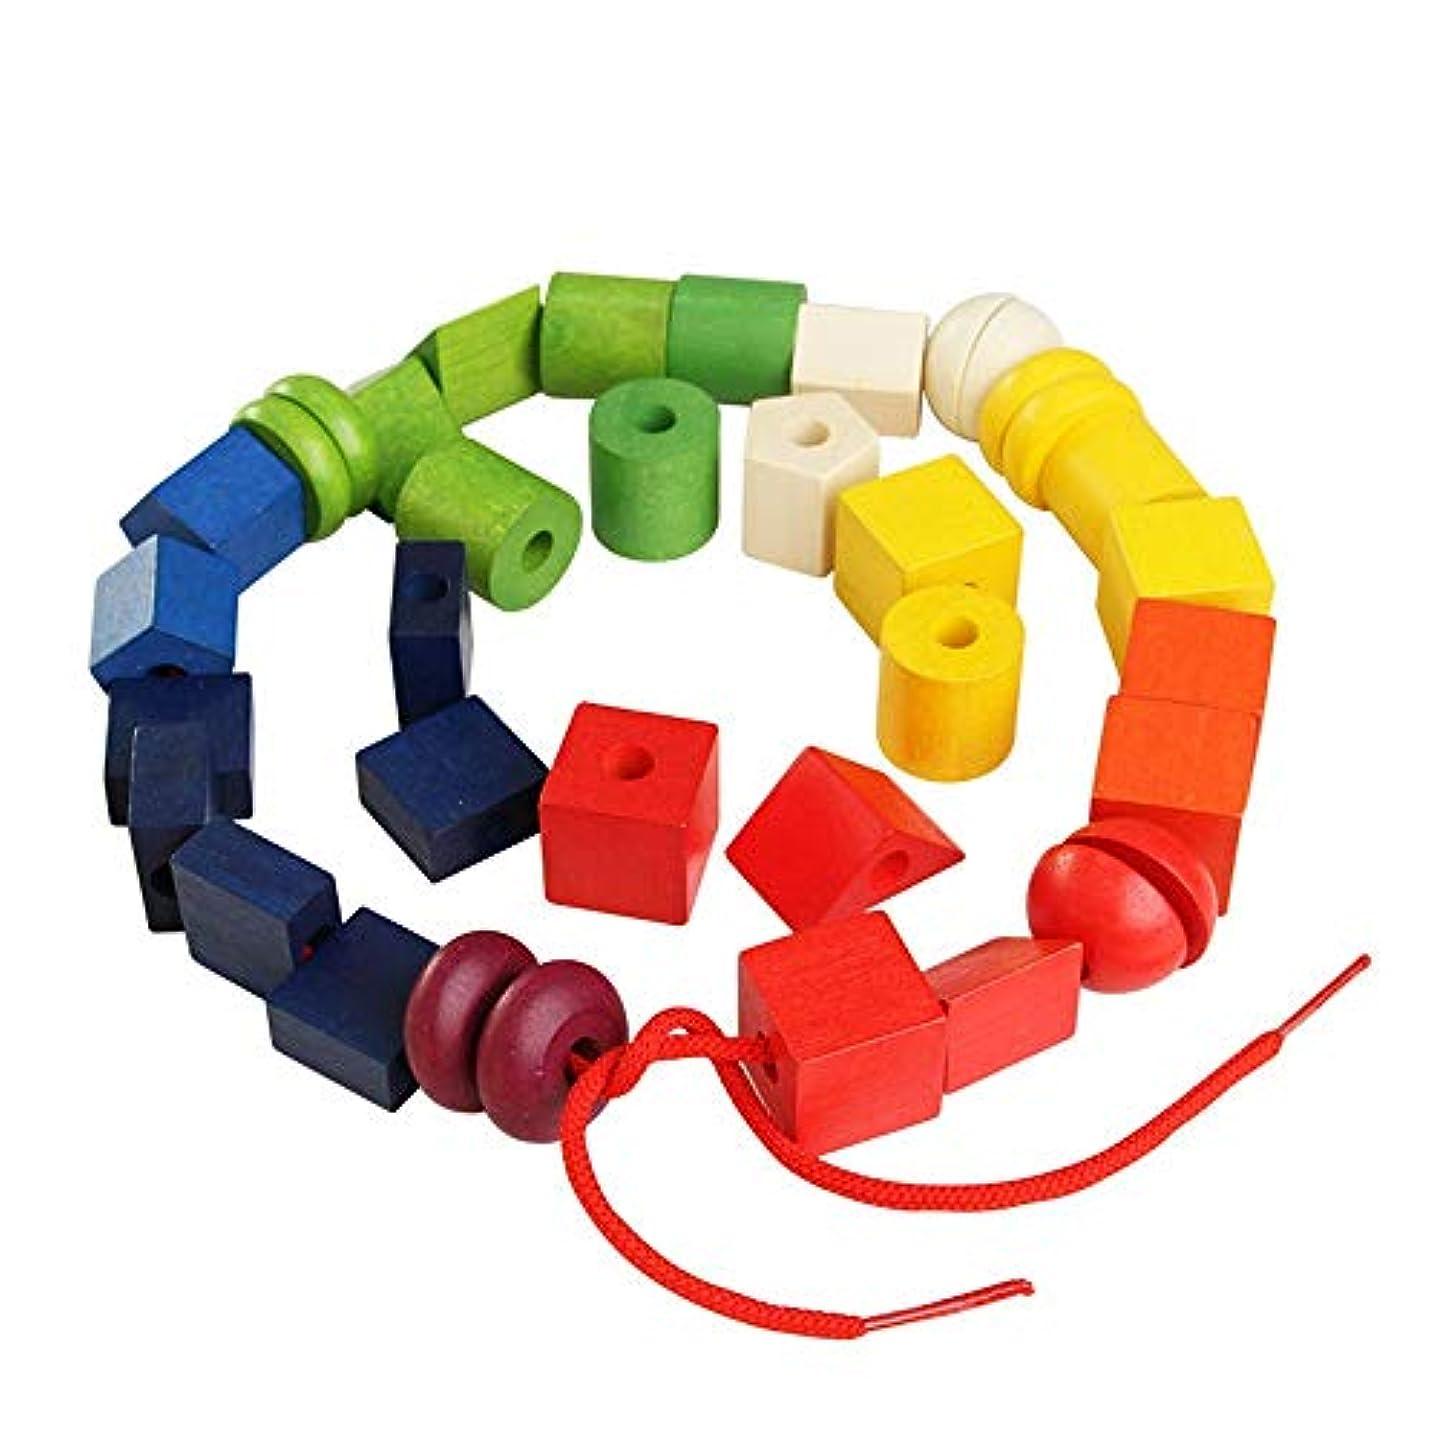 ではごきげんよう効果的にエスカレータービルディングブロック 幼児用のひもでつなぐ子供用の大きなレースビーズセット教育的なひもで締めるおもちゃ大きな木製のカラフルなビーズブロック36個 クリスマス元旦のギフト (Color : Multi-colored, Size : 19x14.5x.95cm)